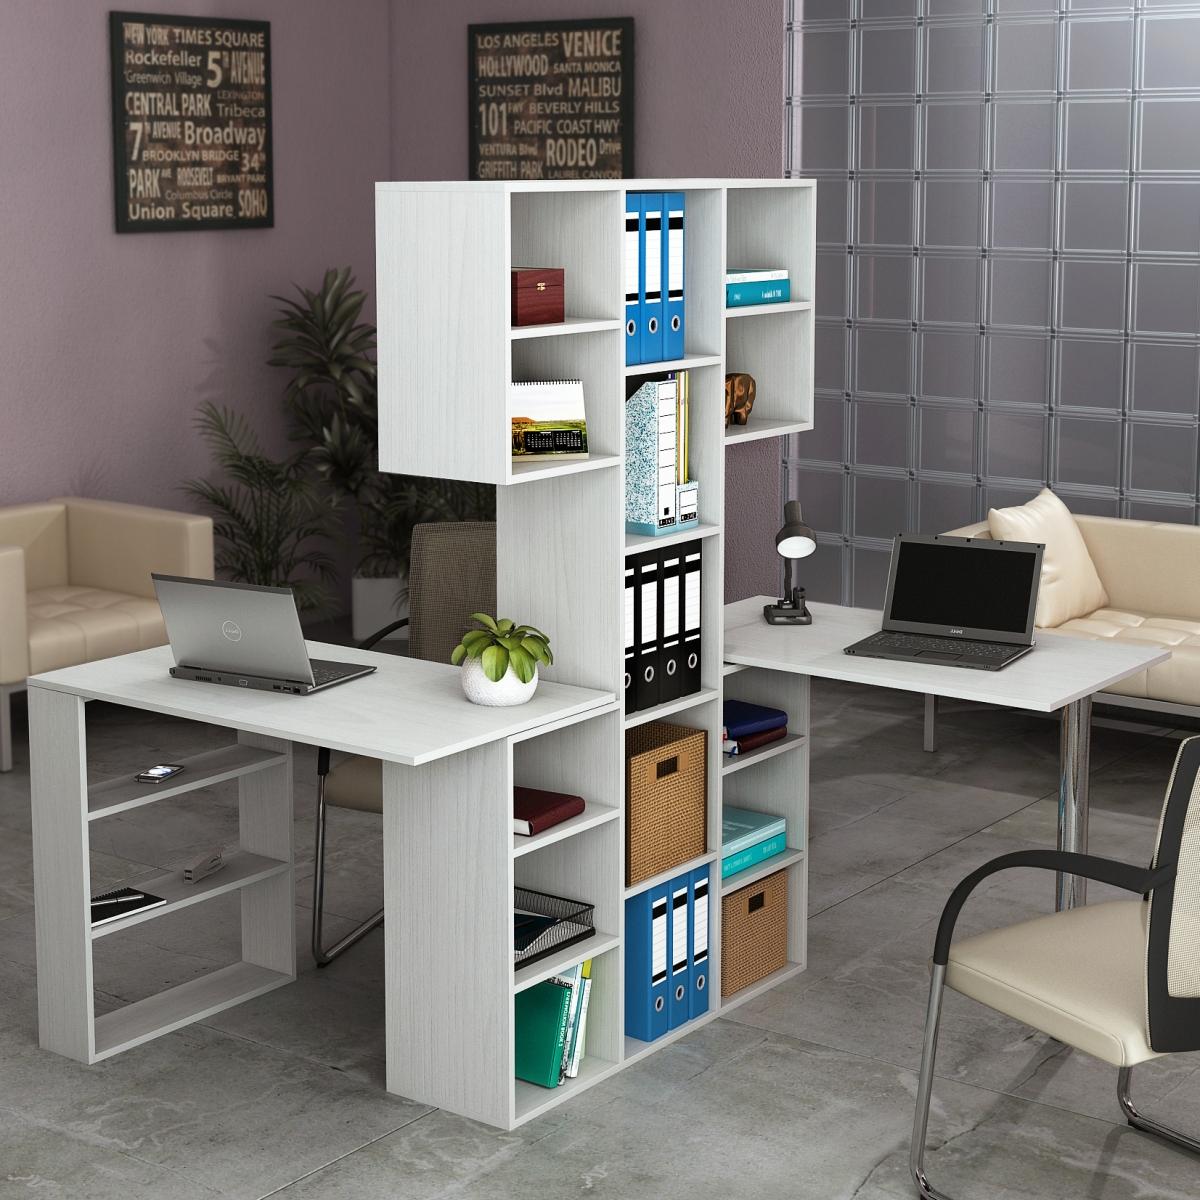 Письменный стол со стеллажом: перегородка из стеллажа около .